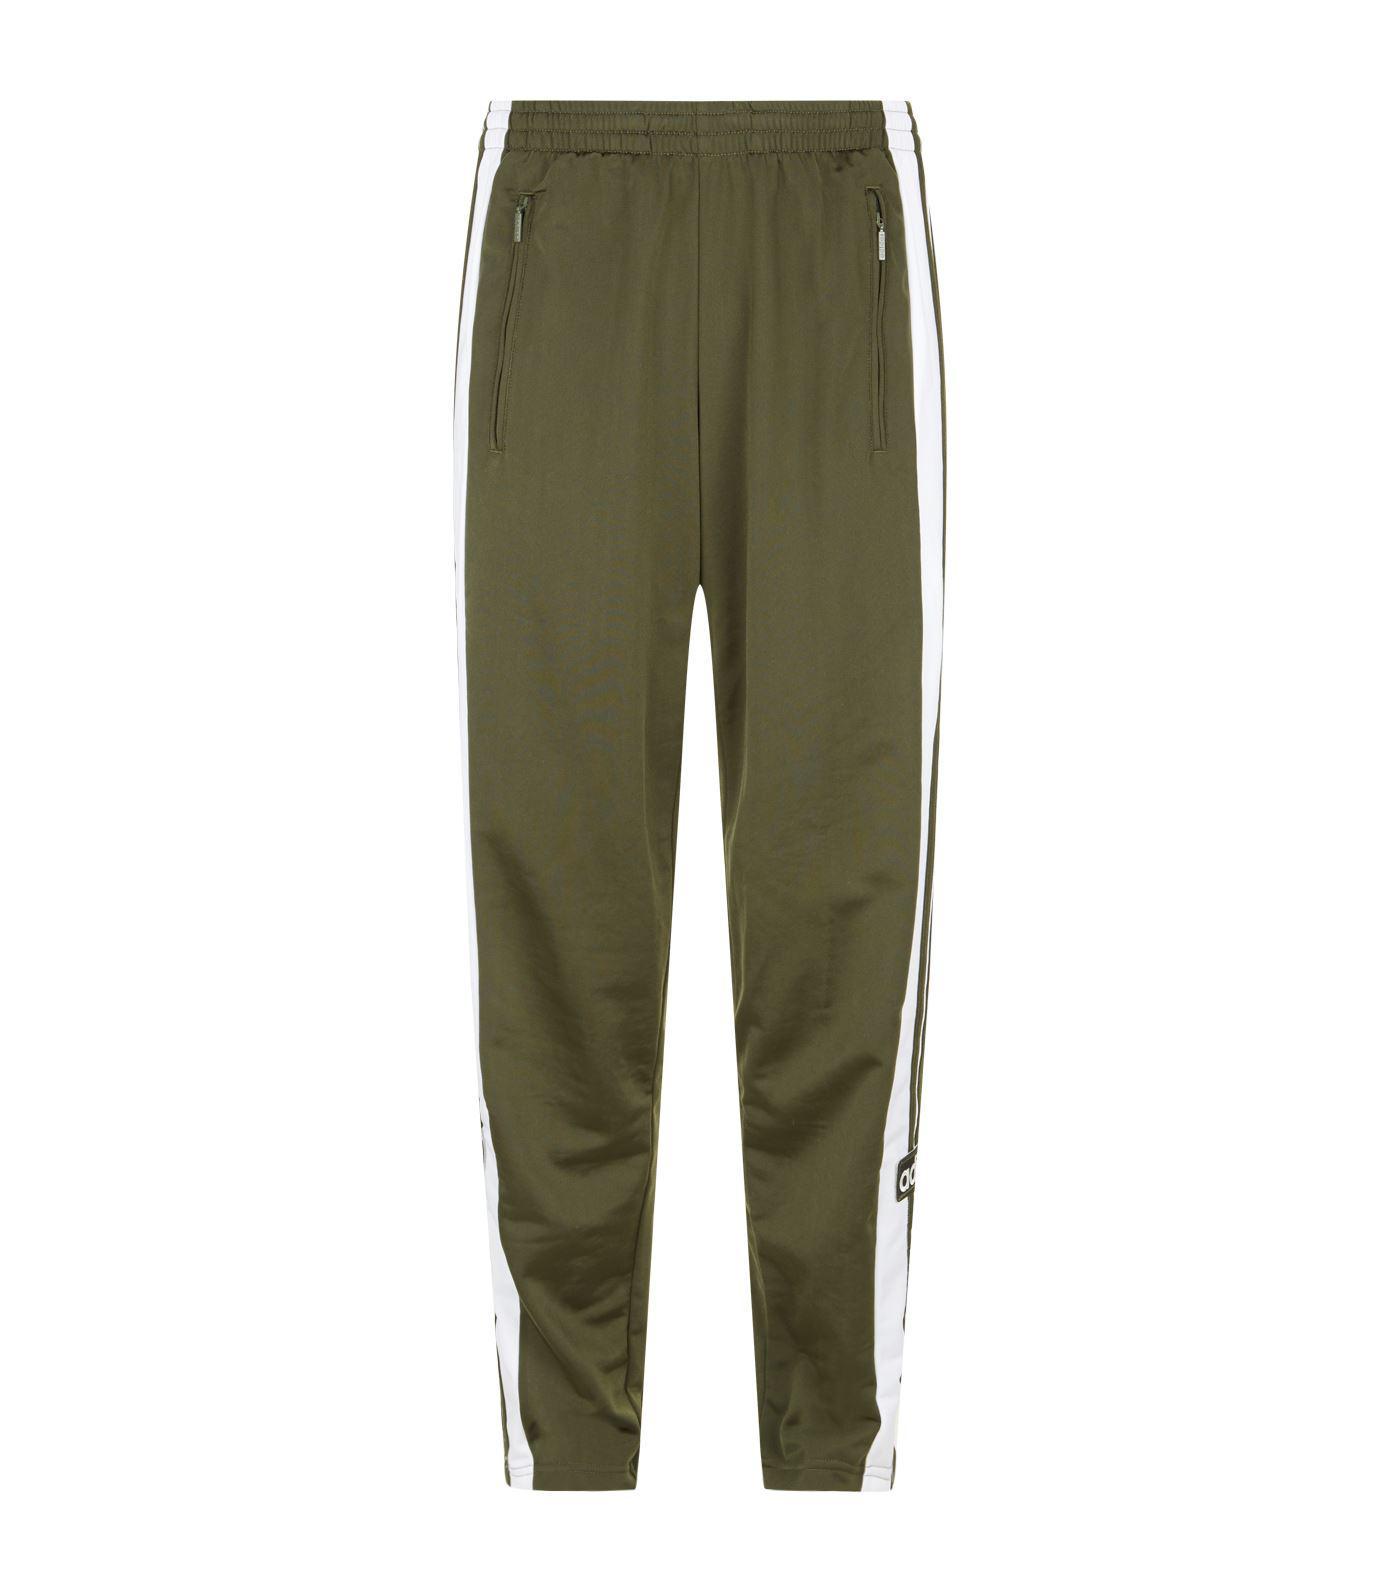 Adidas Originals Adibreak 19997 Adidas Sweatpants en verde para Adibreak hombres Lyst 802a216 - colja.host